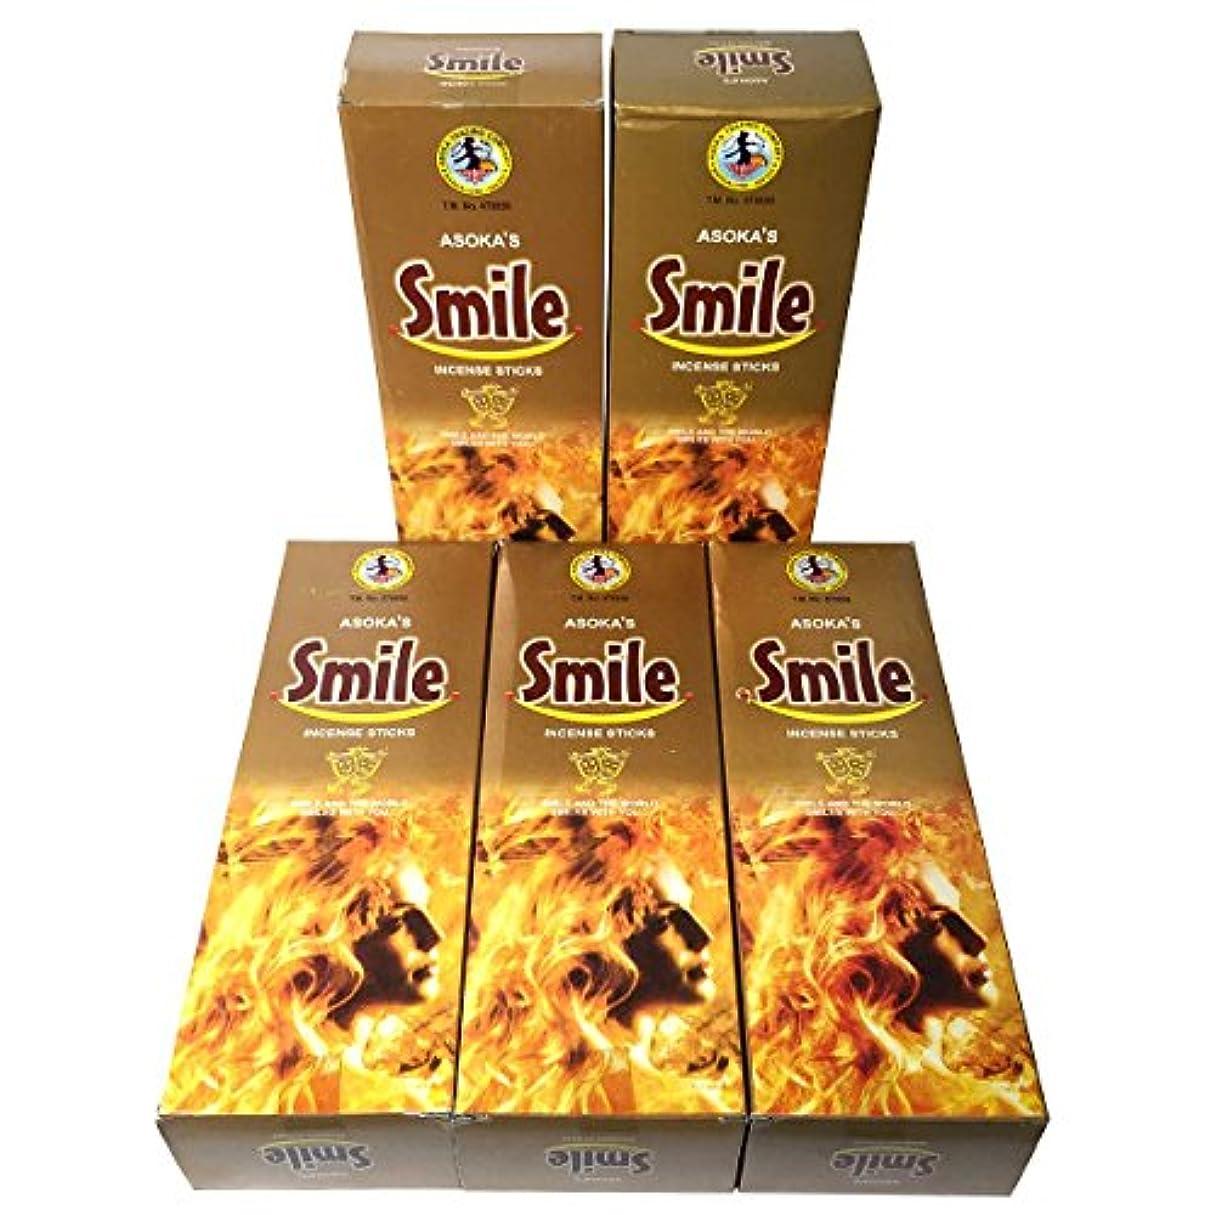 ベーリング海峡世代贅沢なスマイル香スティック 5BOX(30箱)/ASOKA SMILE/ インド香 / 送料無料 [並行輸入品]